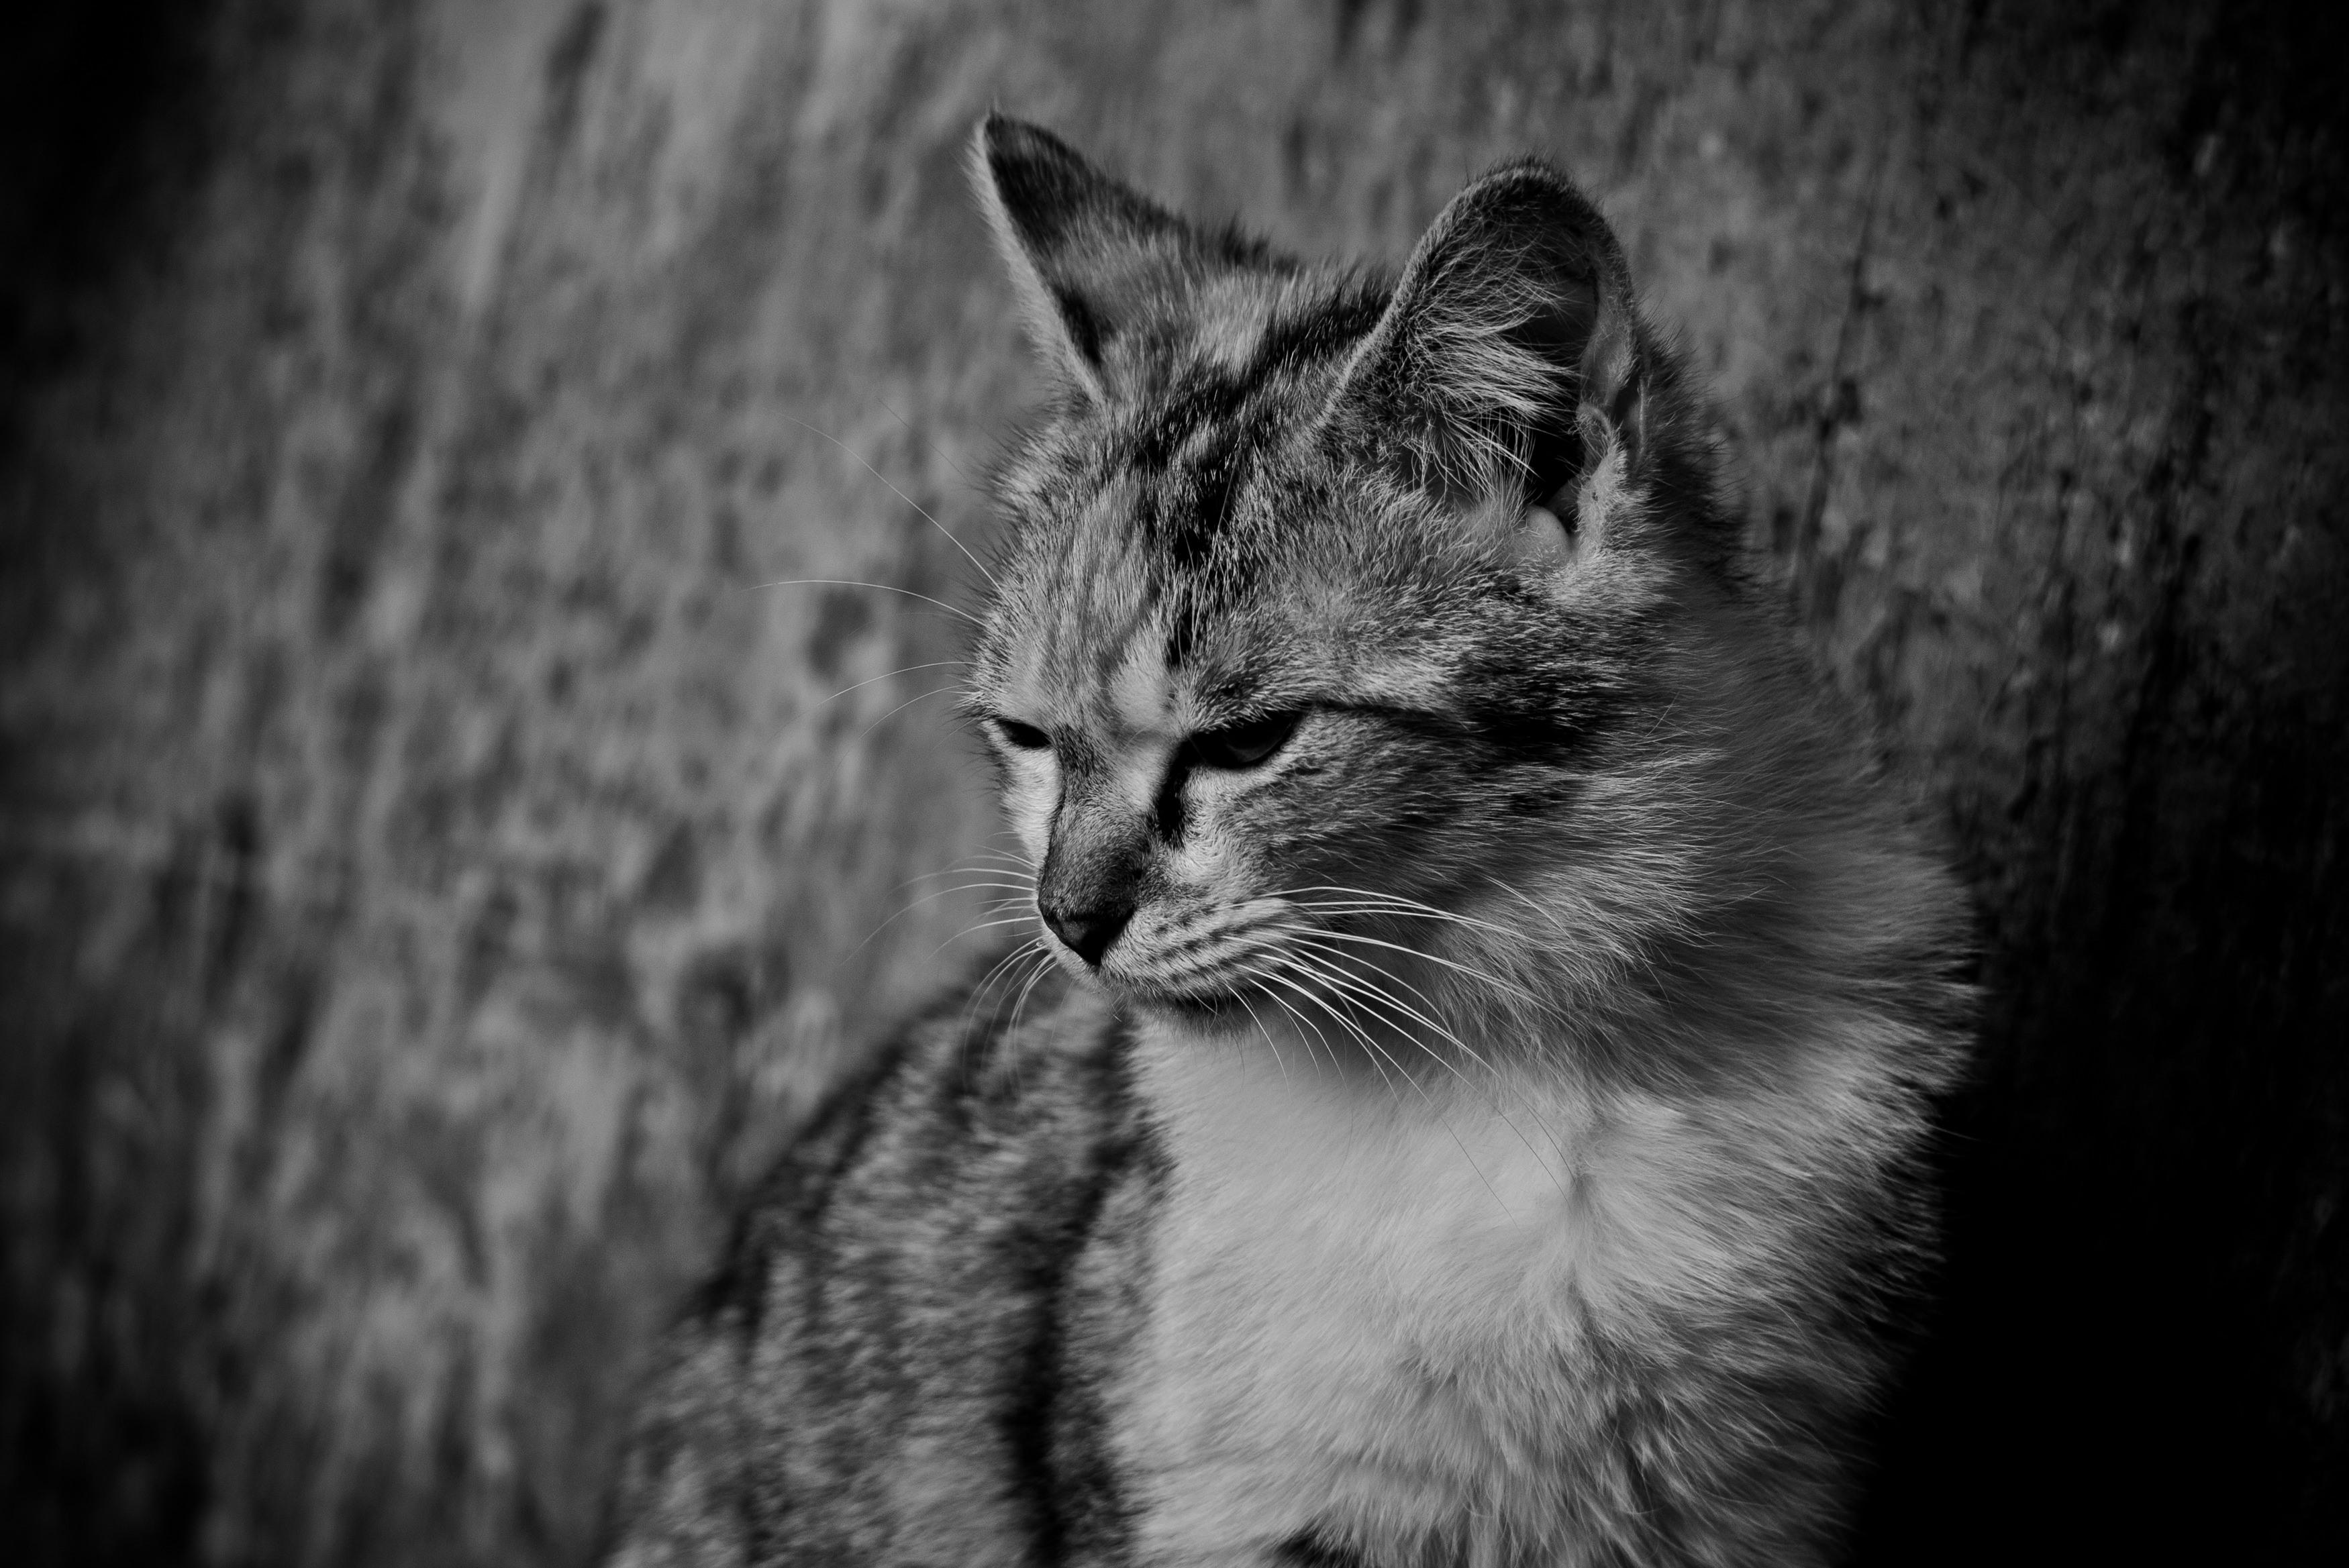 叱られて意気消沈な猫